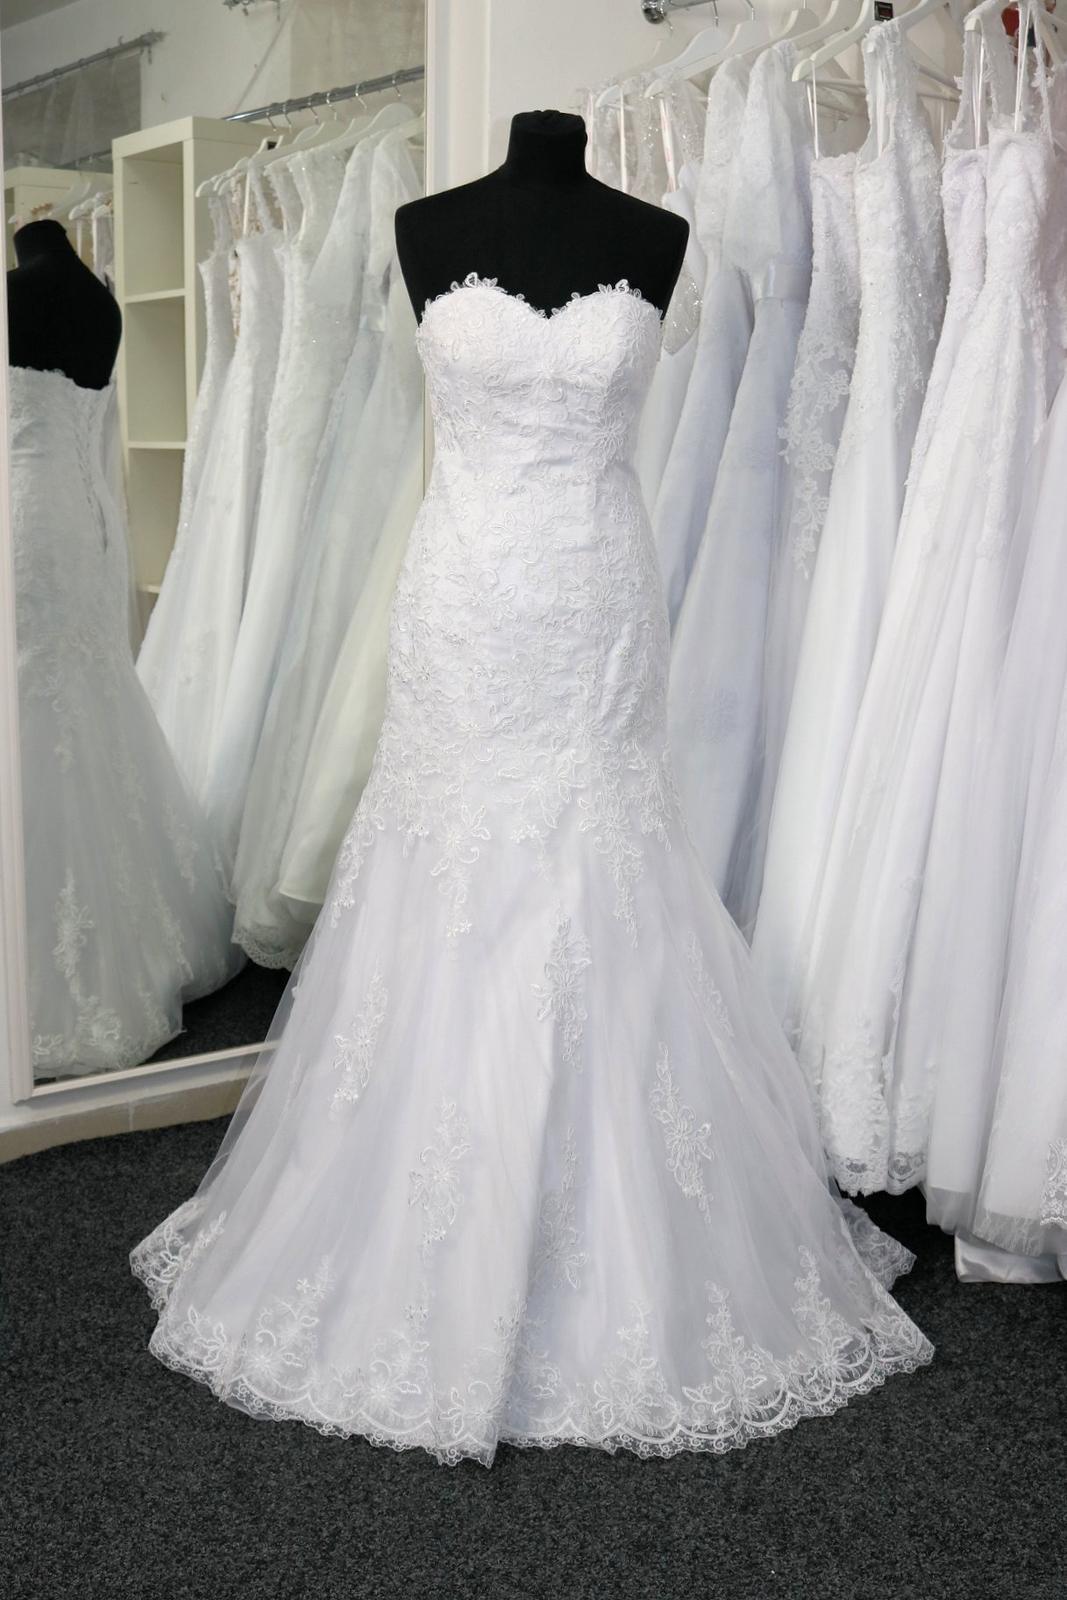 Svatební šaty s krajkou vel.34 XS - Obrázek č. 1